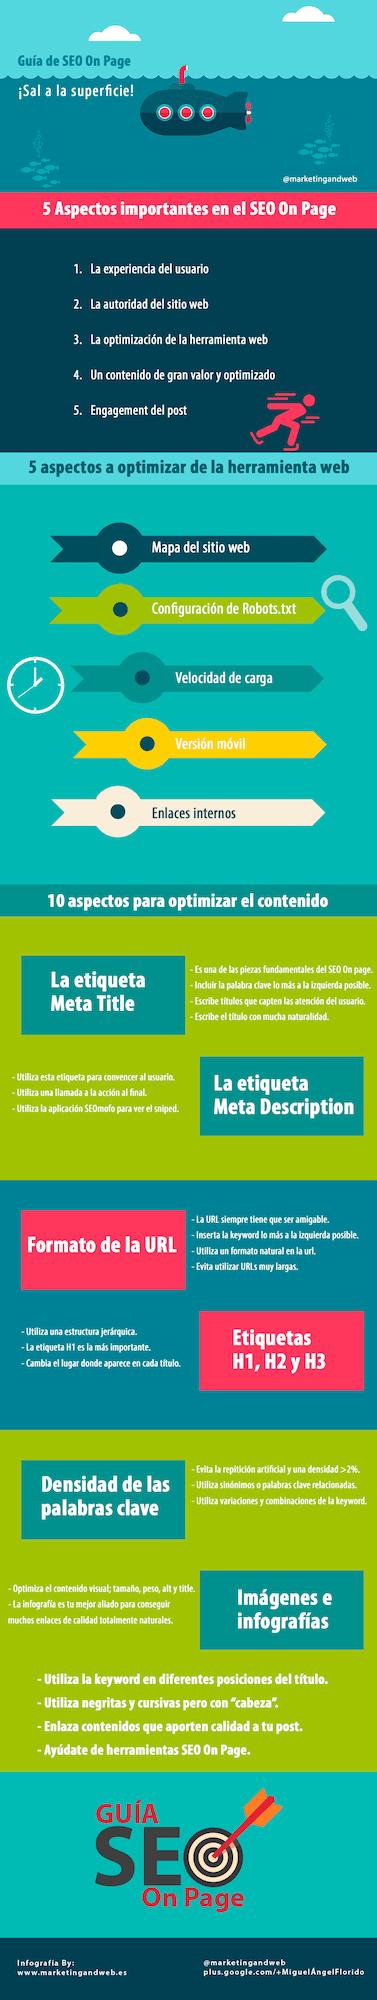 guía de seo on page infografía